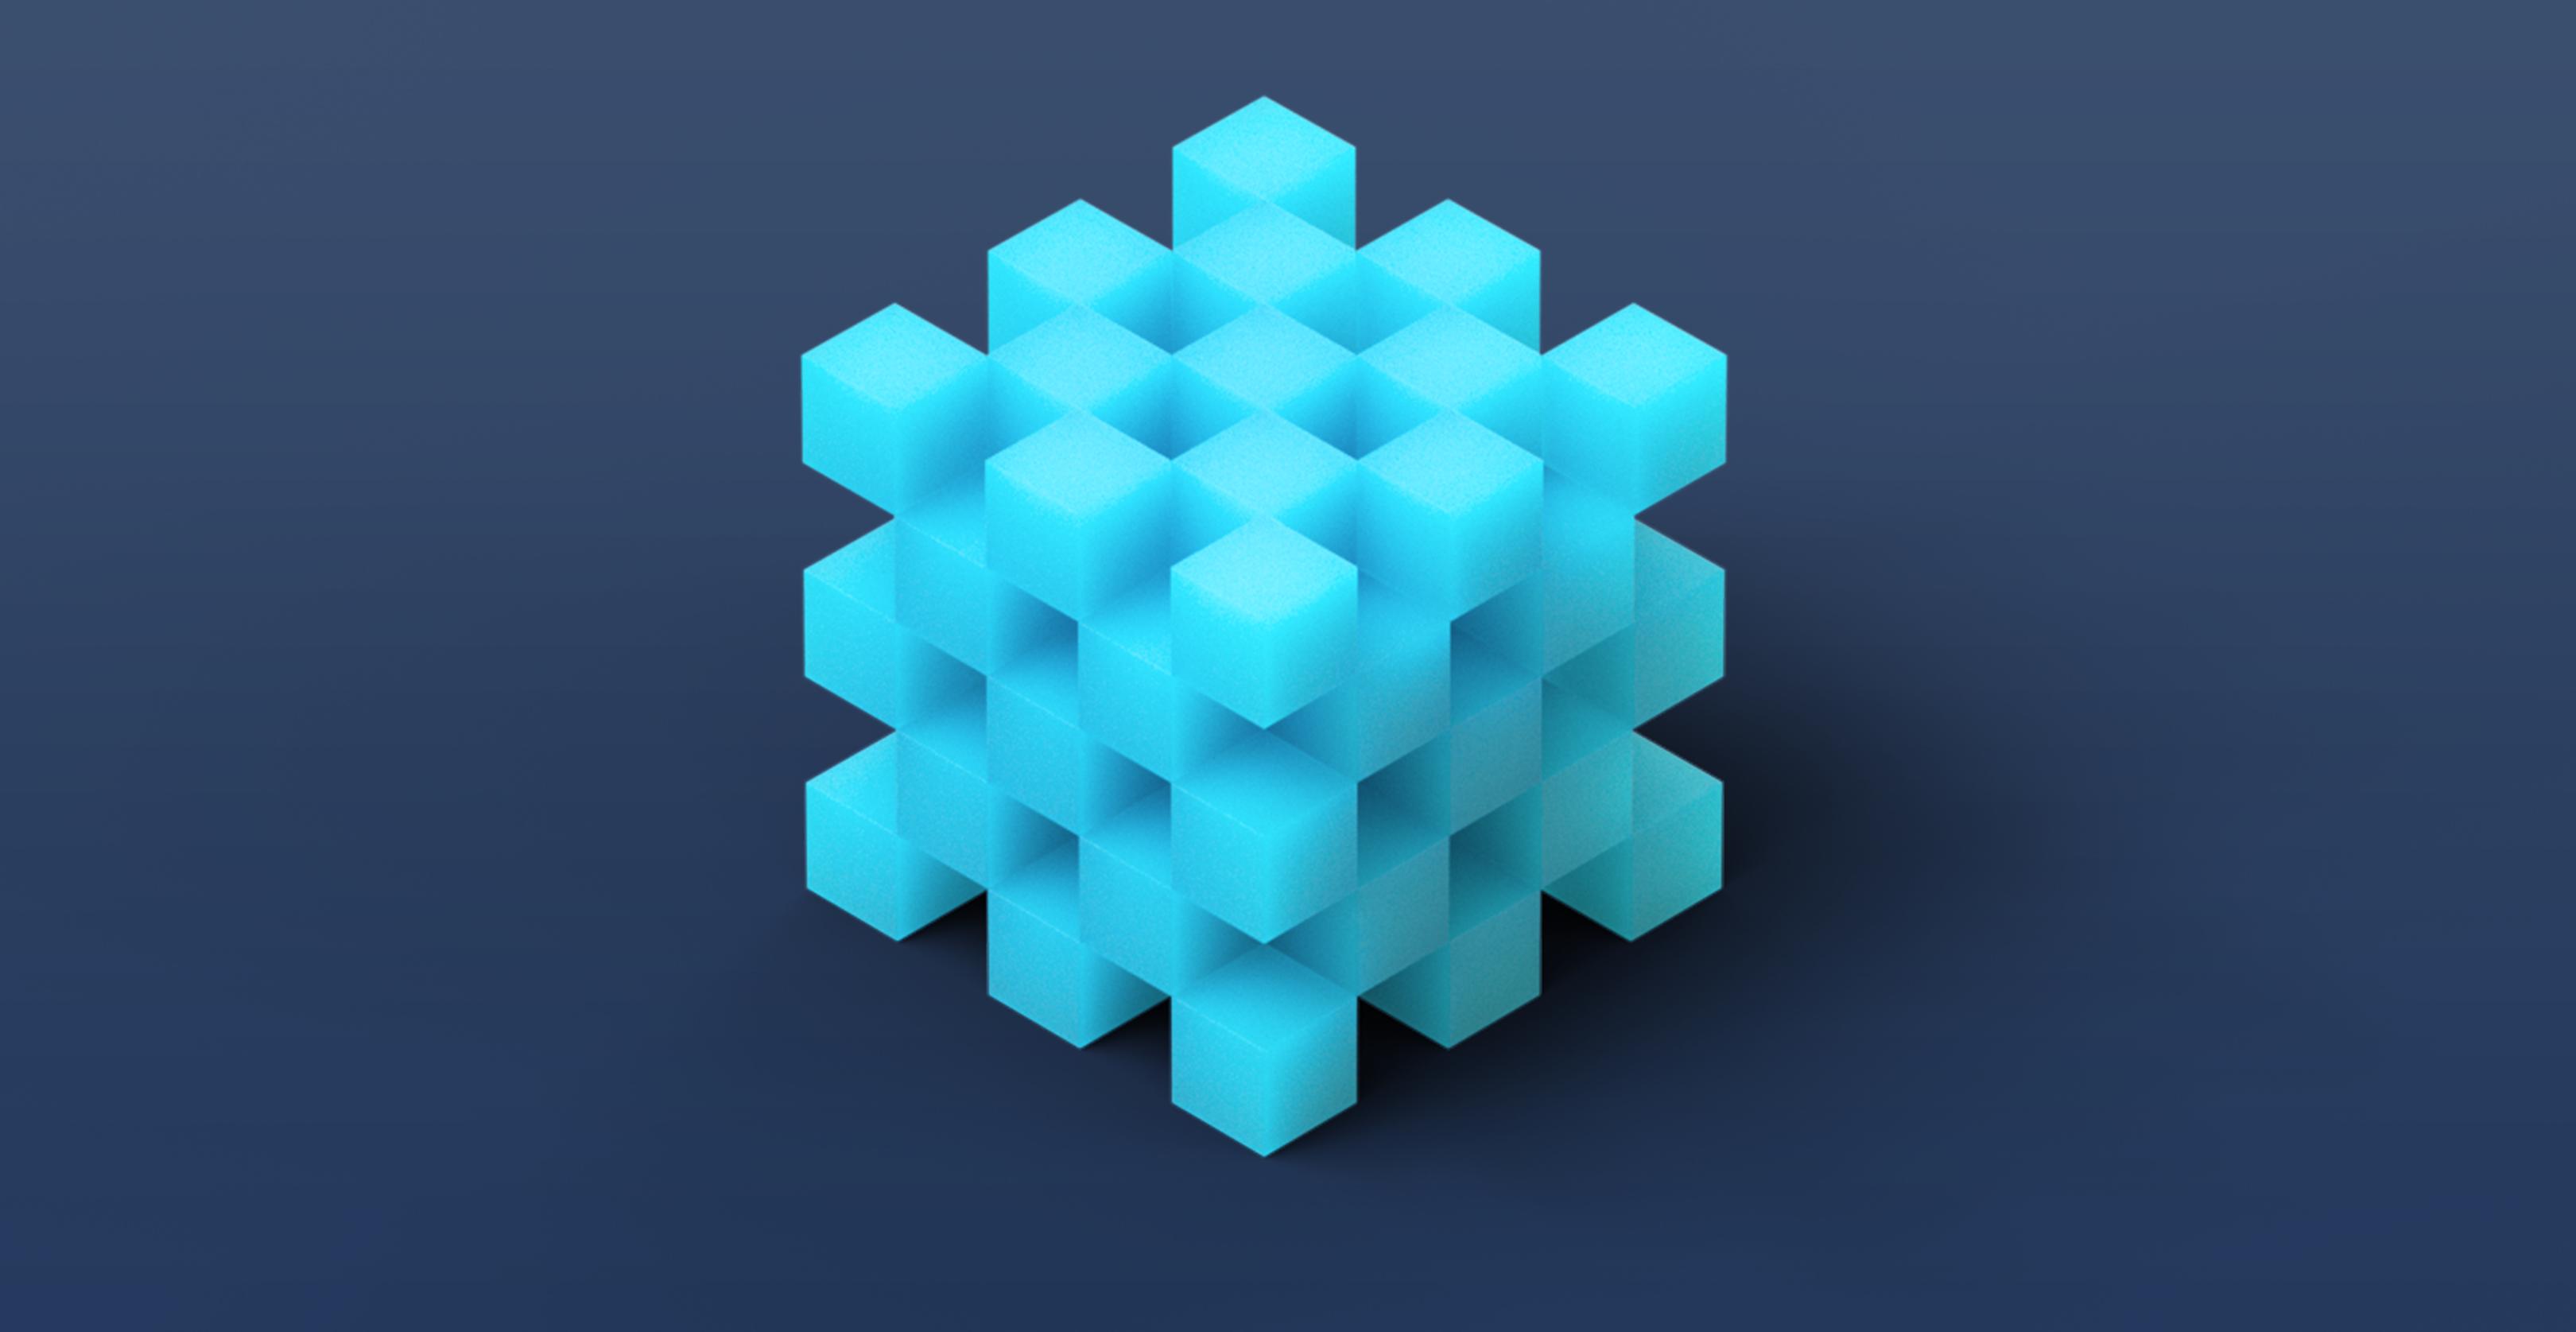 Fluent Design System para las aplicaciones para UWP - UWP app ...